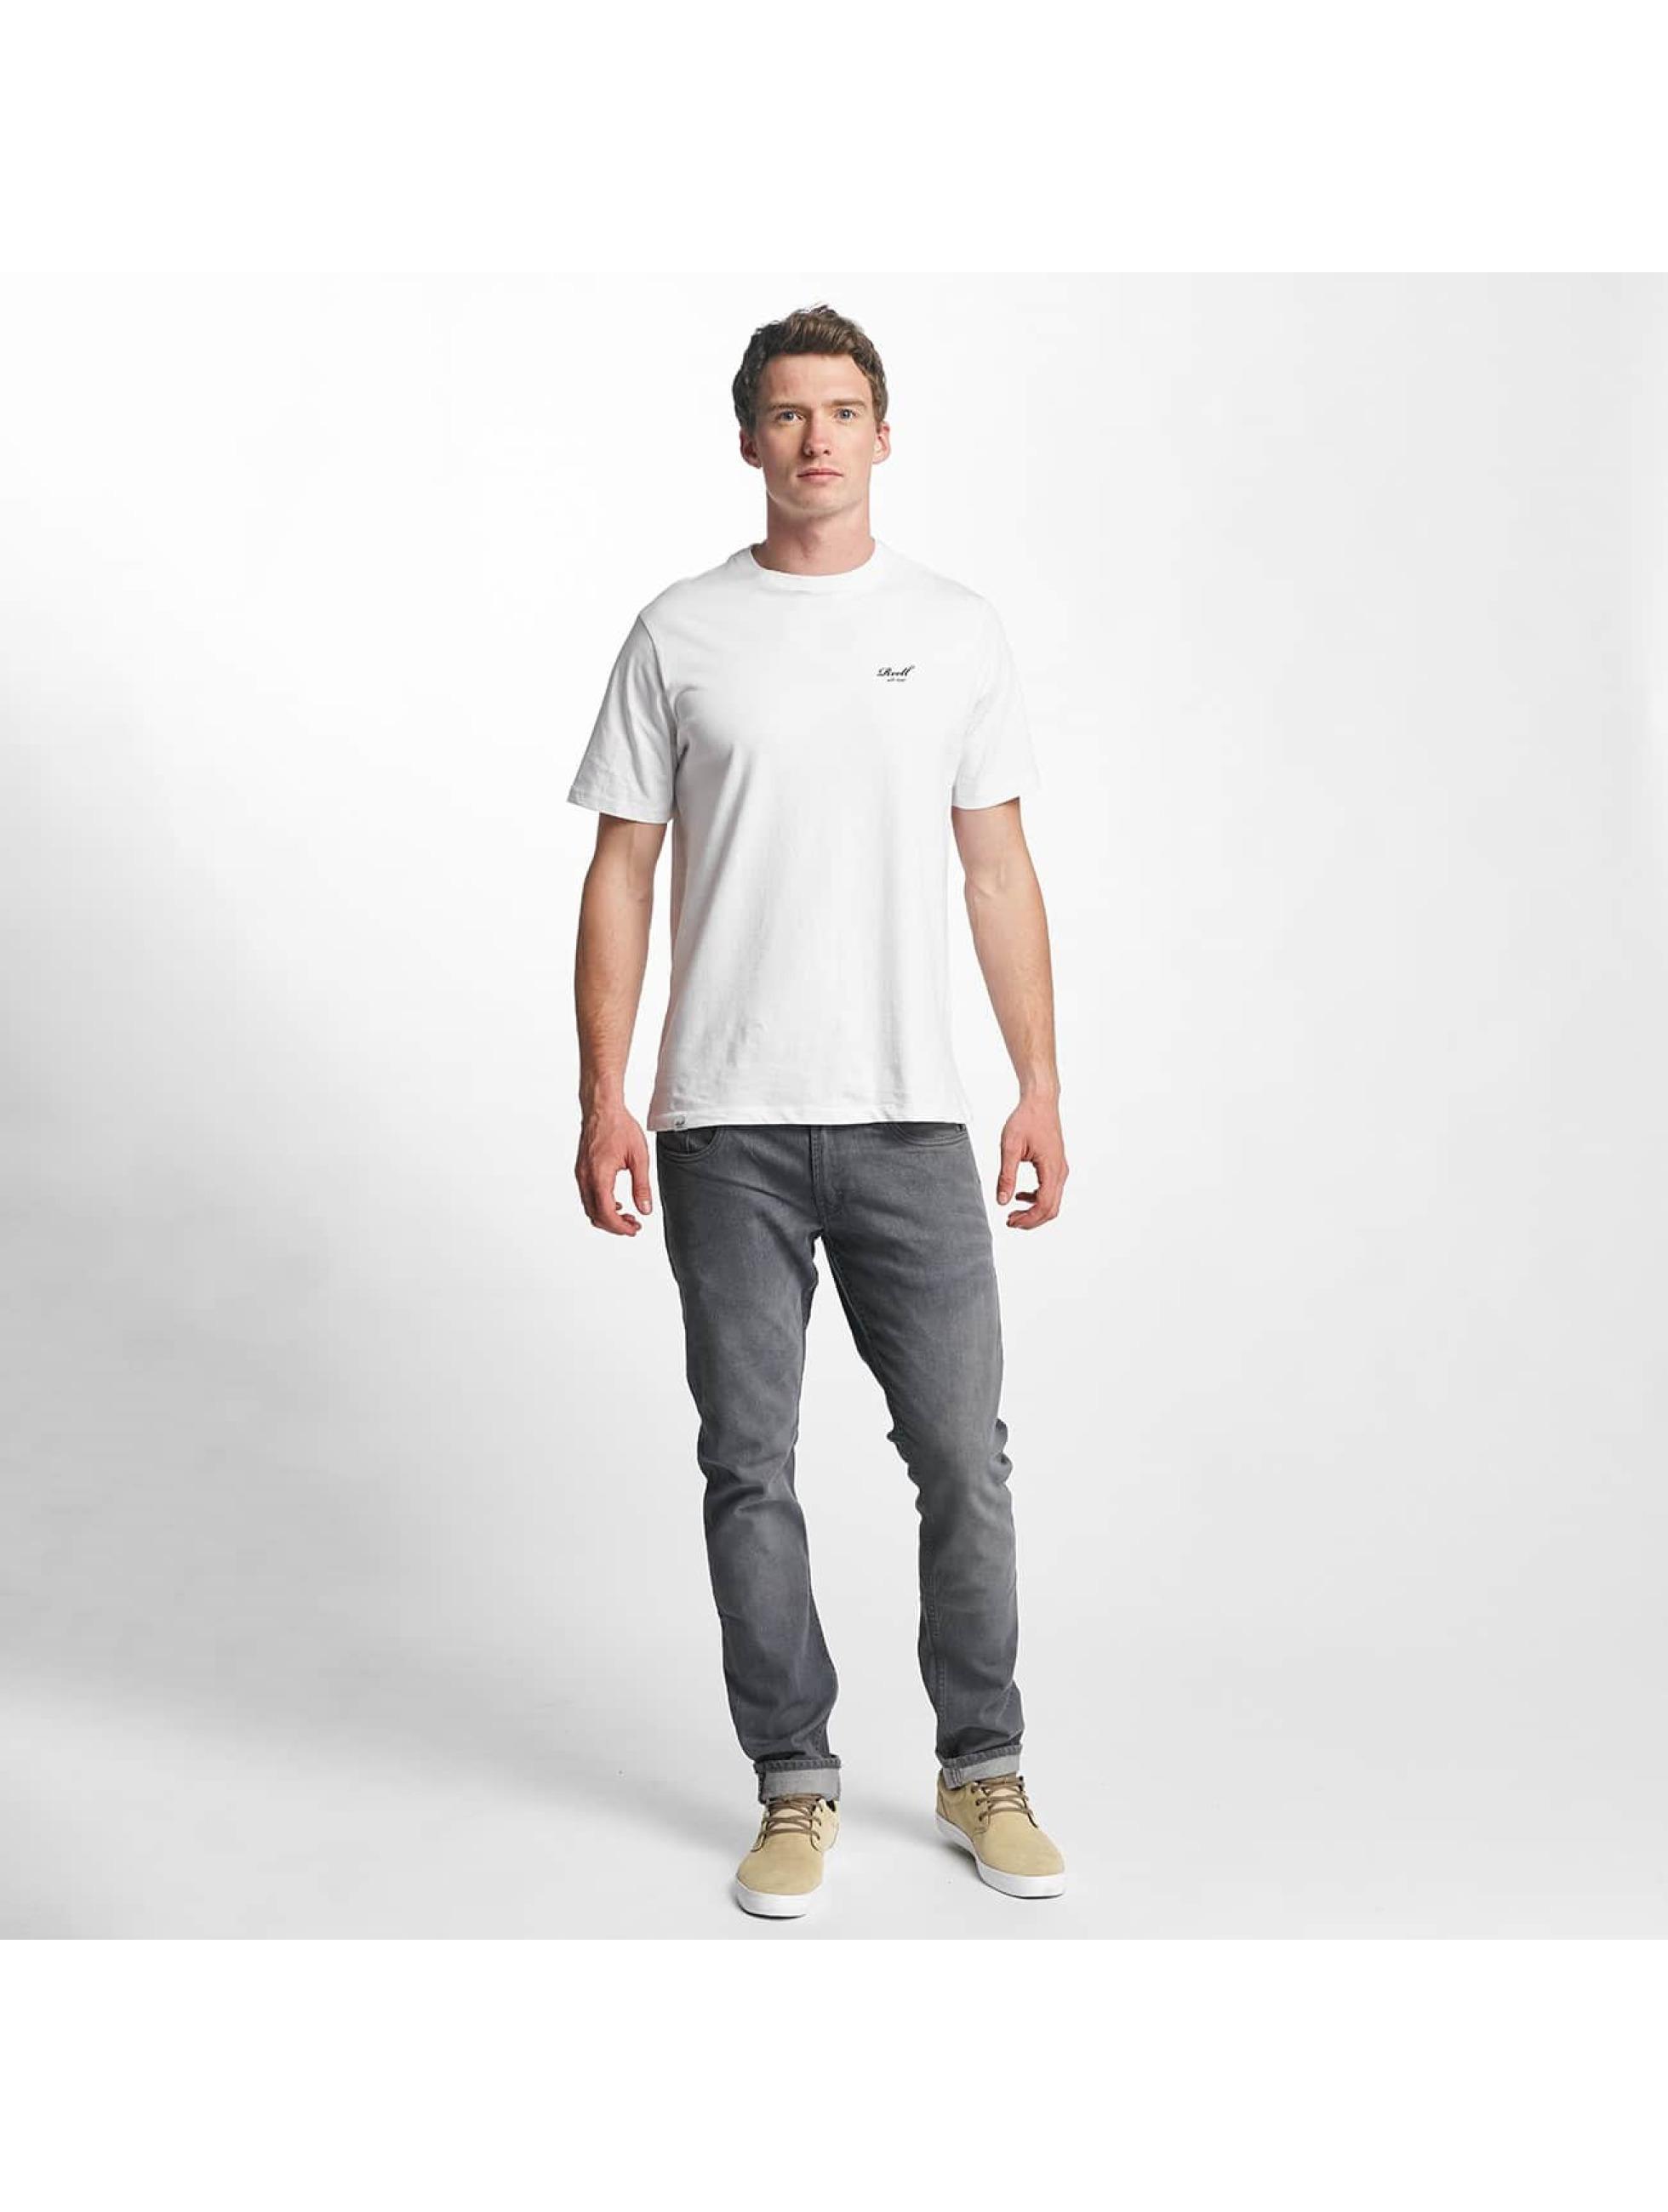 Reell Jeans T-skjorter Small Script hvit